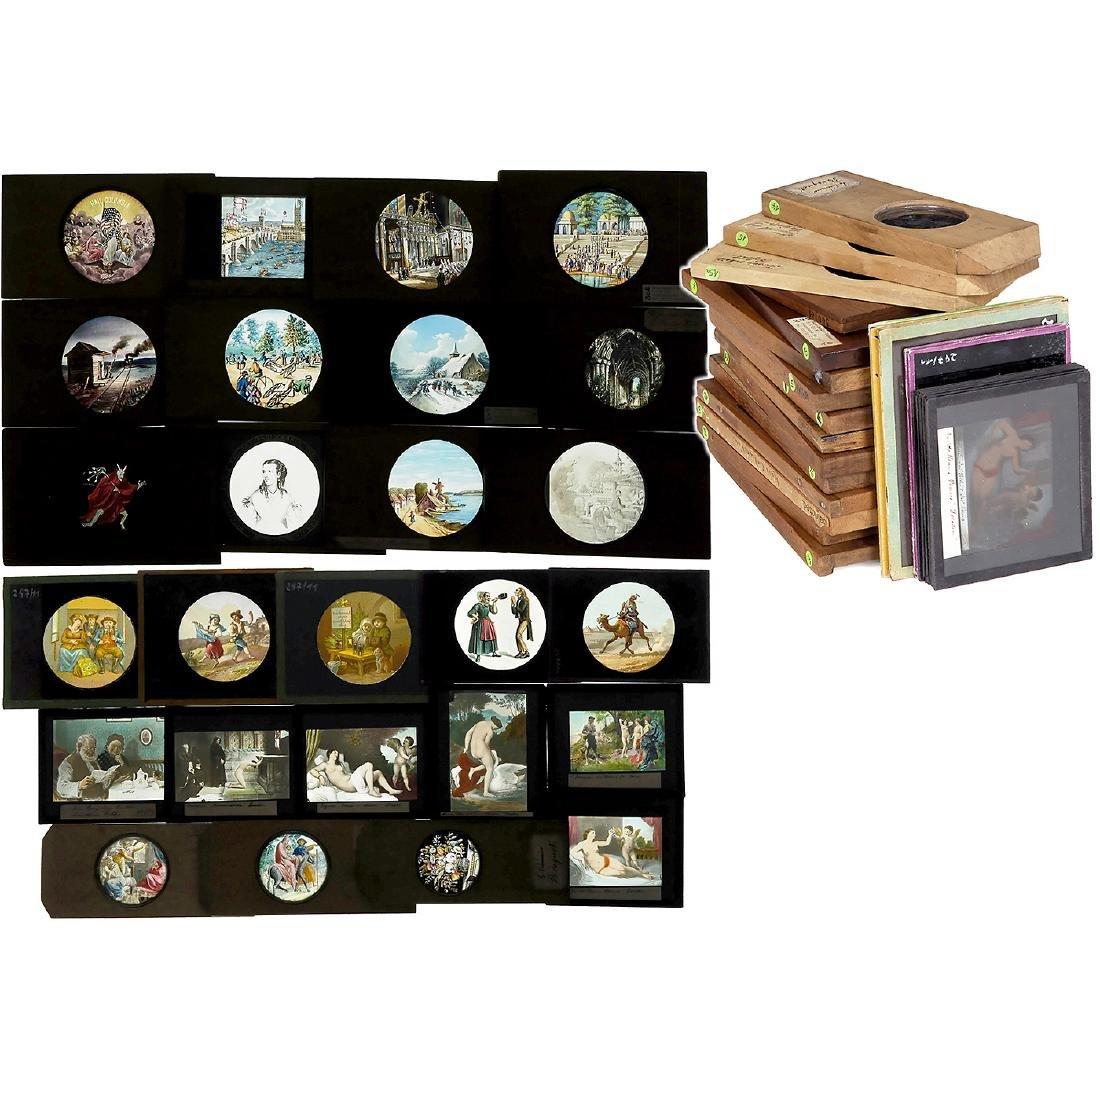 26 Magic Lantern Slides (Various Sizes)